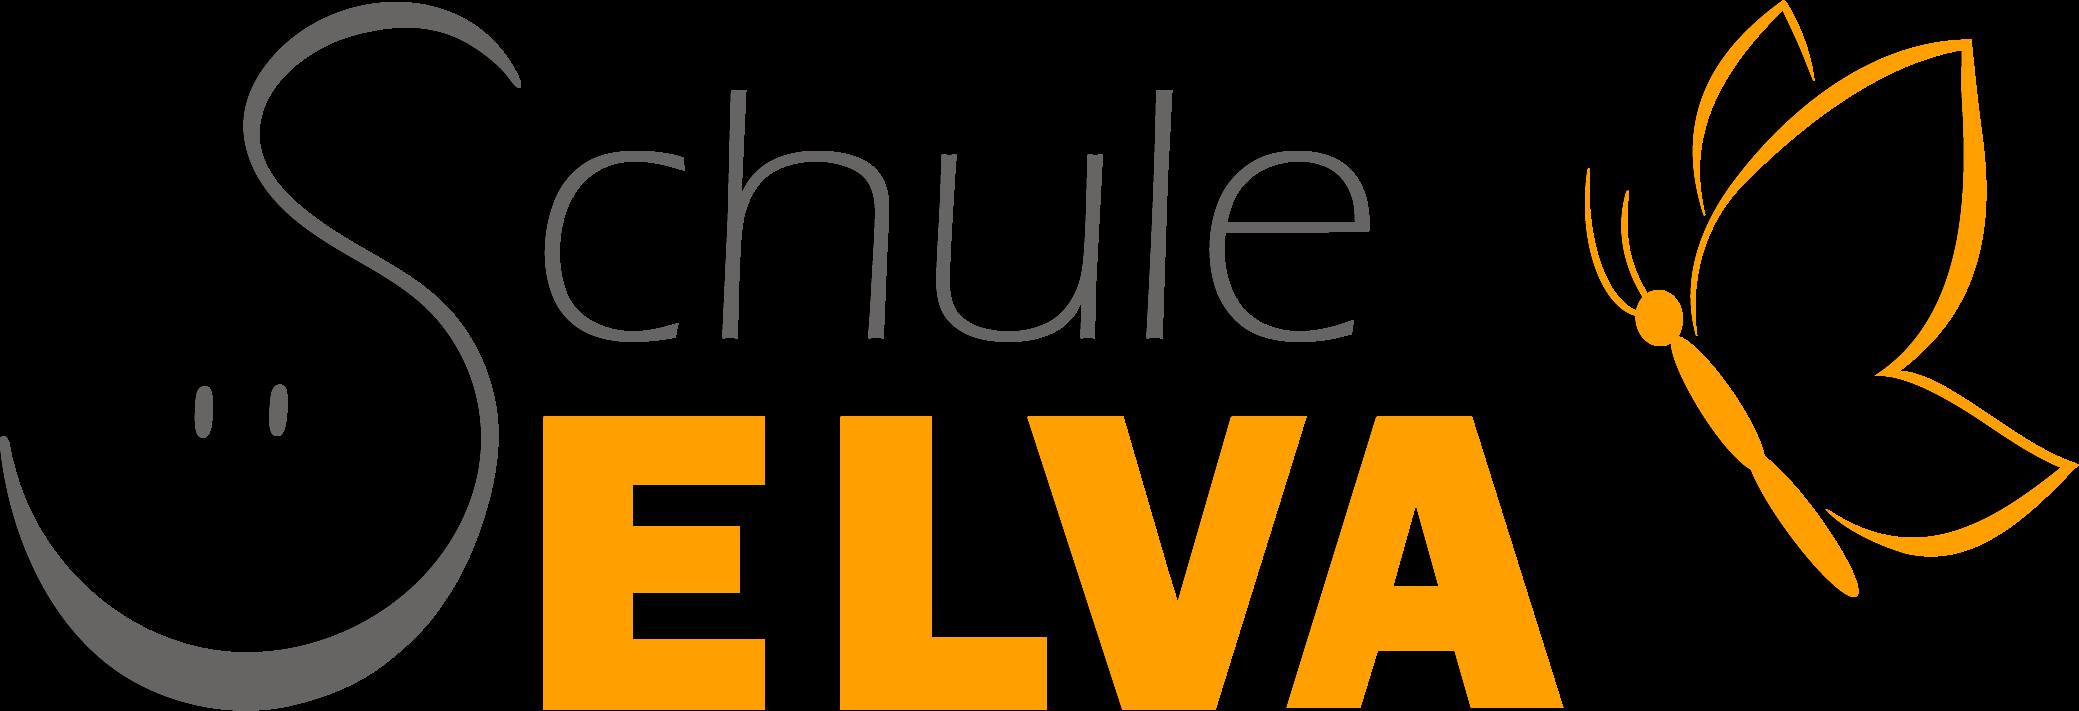 Schule ELVA